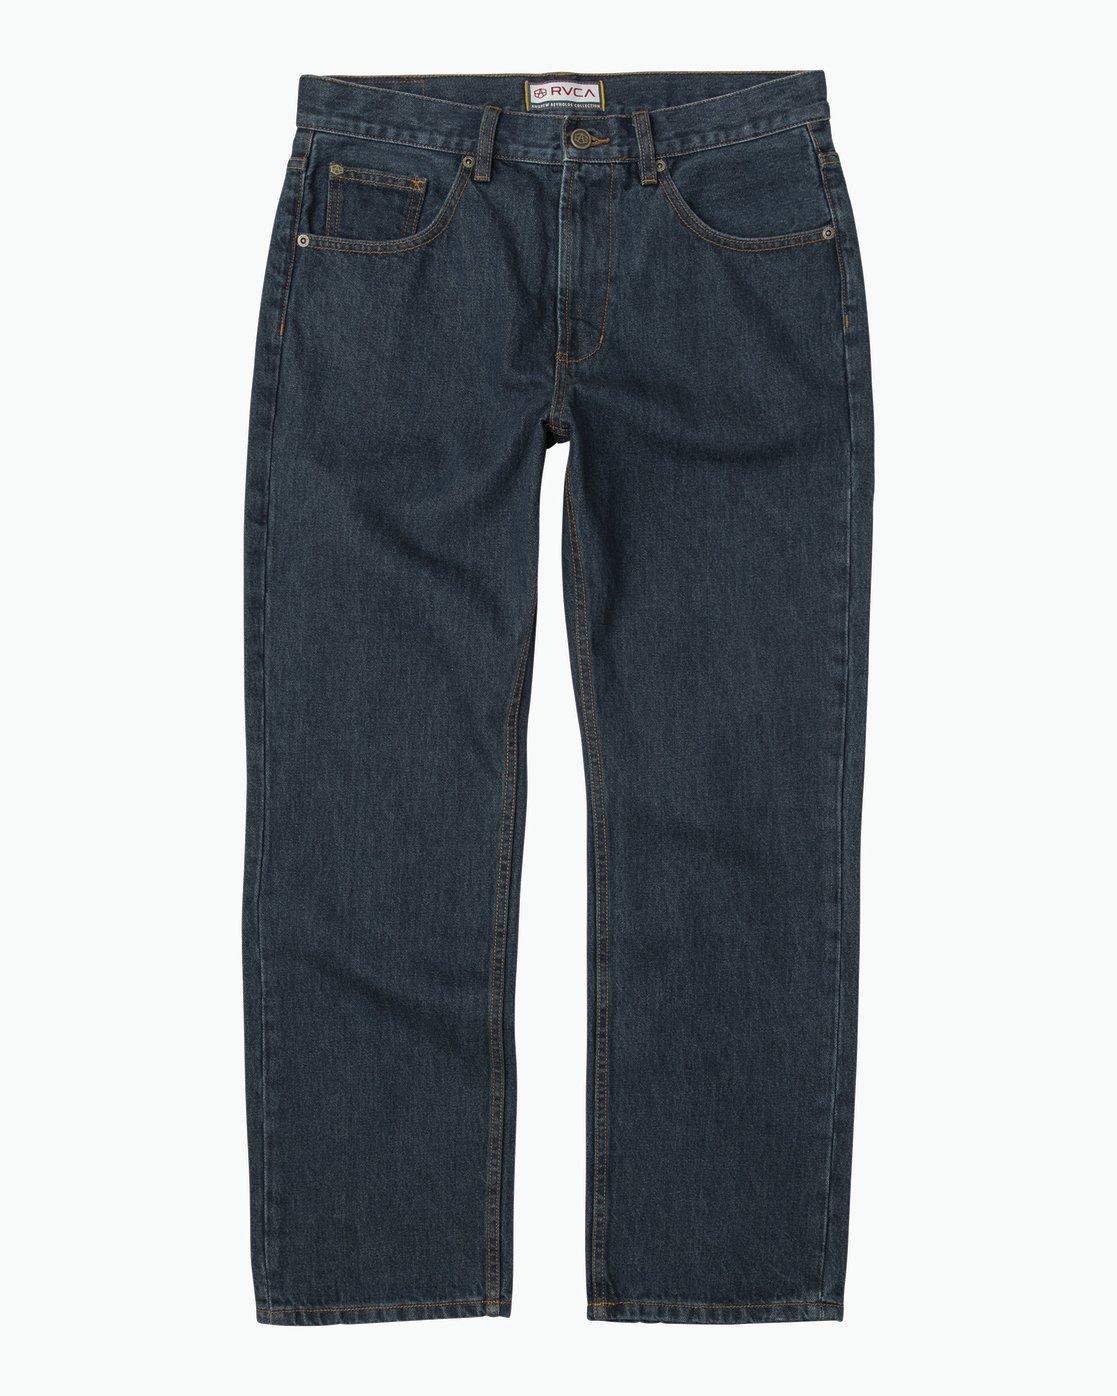 6 Andrew Reynolds Denim Jeans II Blue M310QRAR RVCA